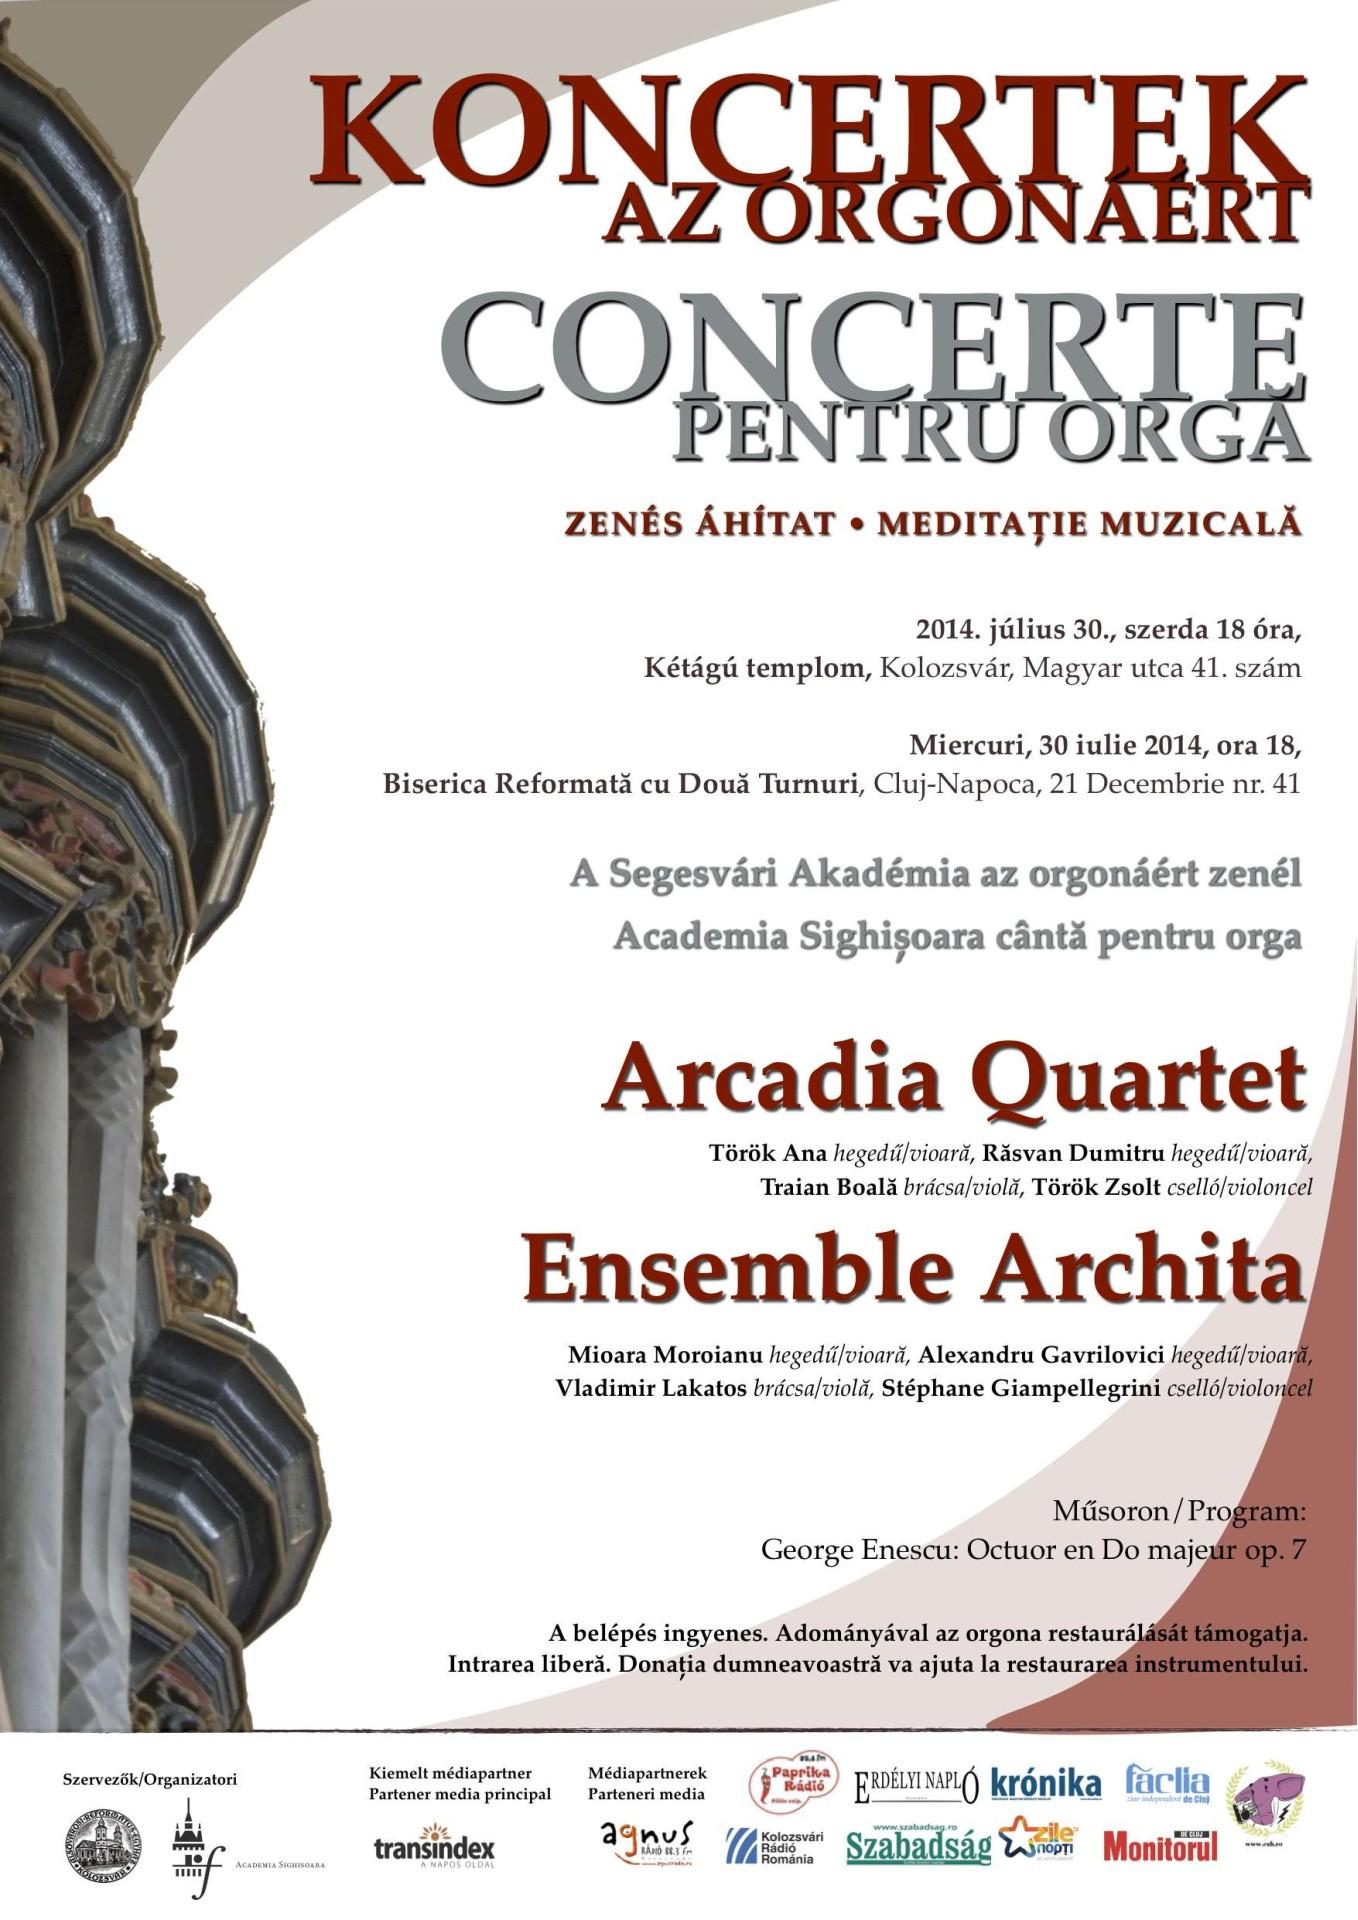 Az Arcadia kvartett koncertje a kolozsvári Kétágú templomban